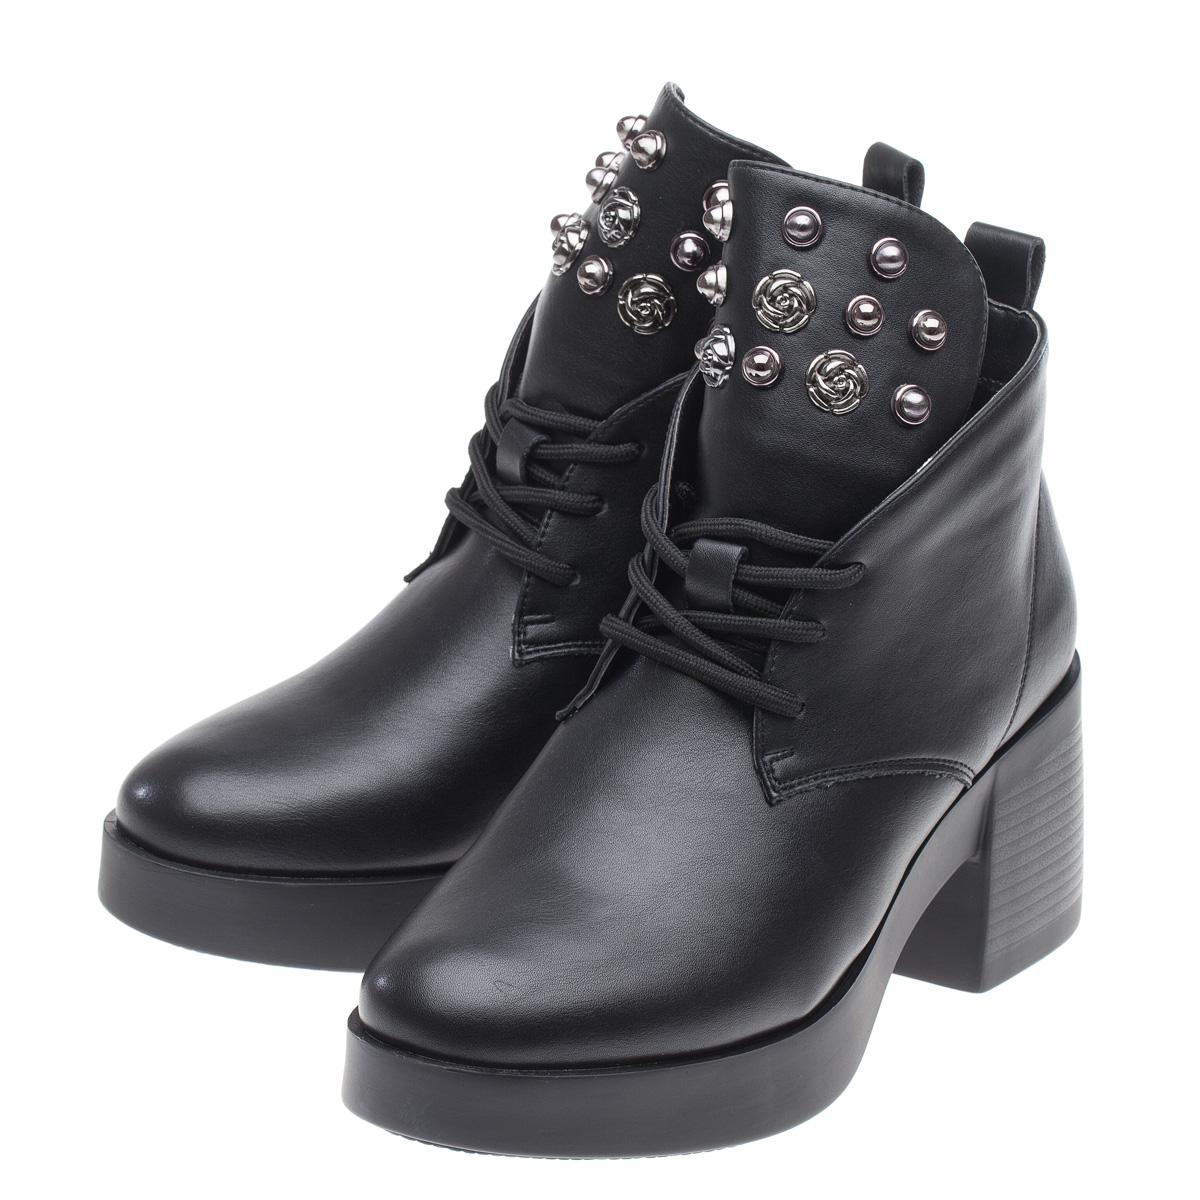 Ботинки демисезонные FERTO, D19-6907